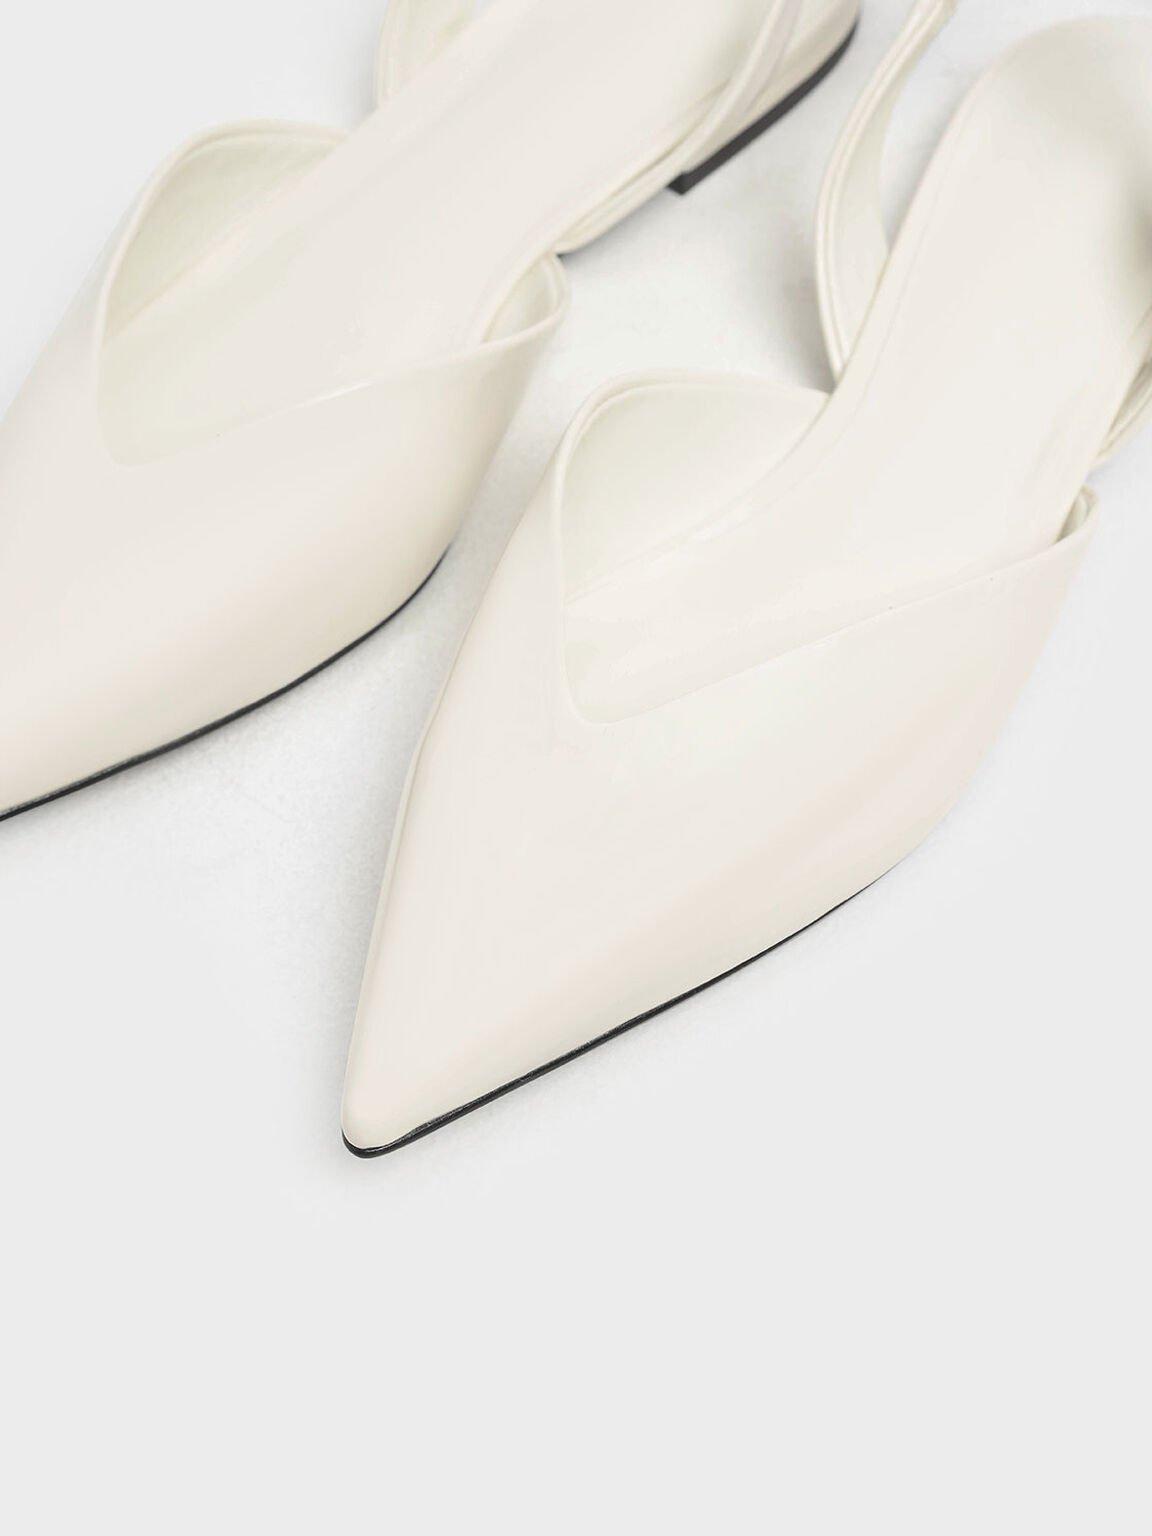 V-컷 에나멜 슬링백 플랫, Cream, hi-res